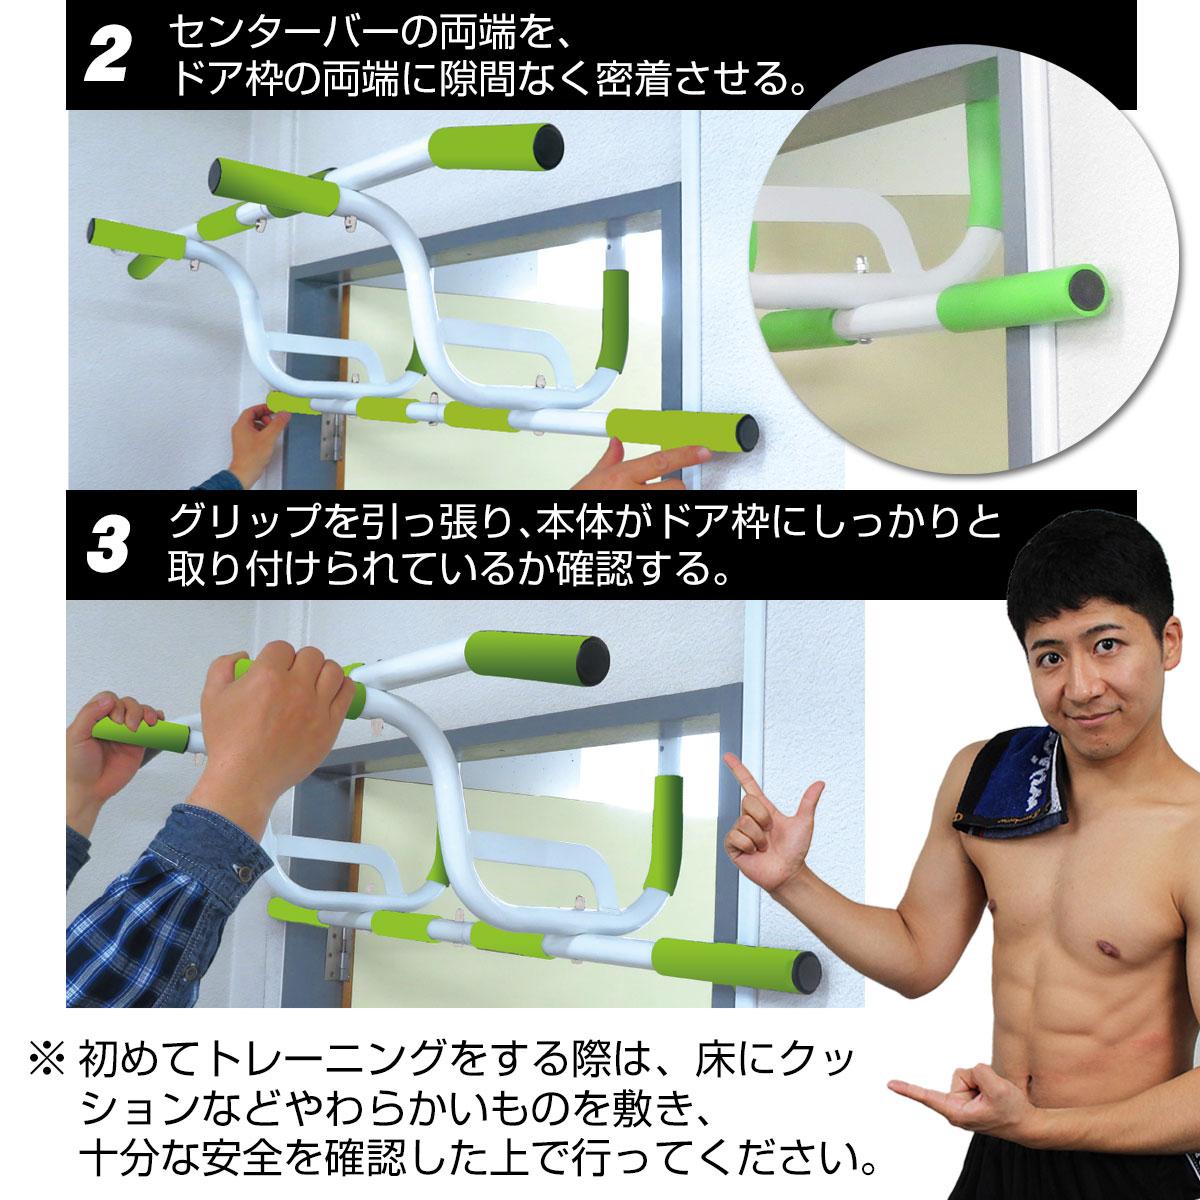 懸垂 自宅 ドア どこでもマッチョ PRO チンニング 鉄棒 ぶら下がり健康器 健康機 腹筋 背筋 筋トレ おうち時間